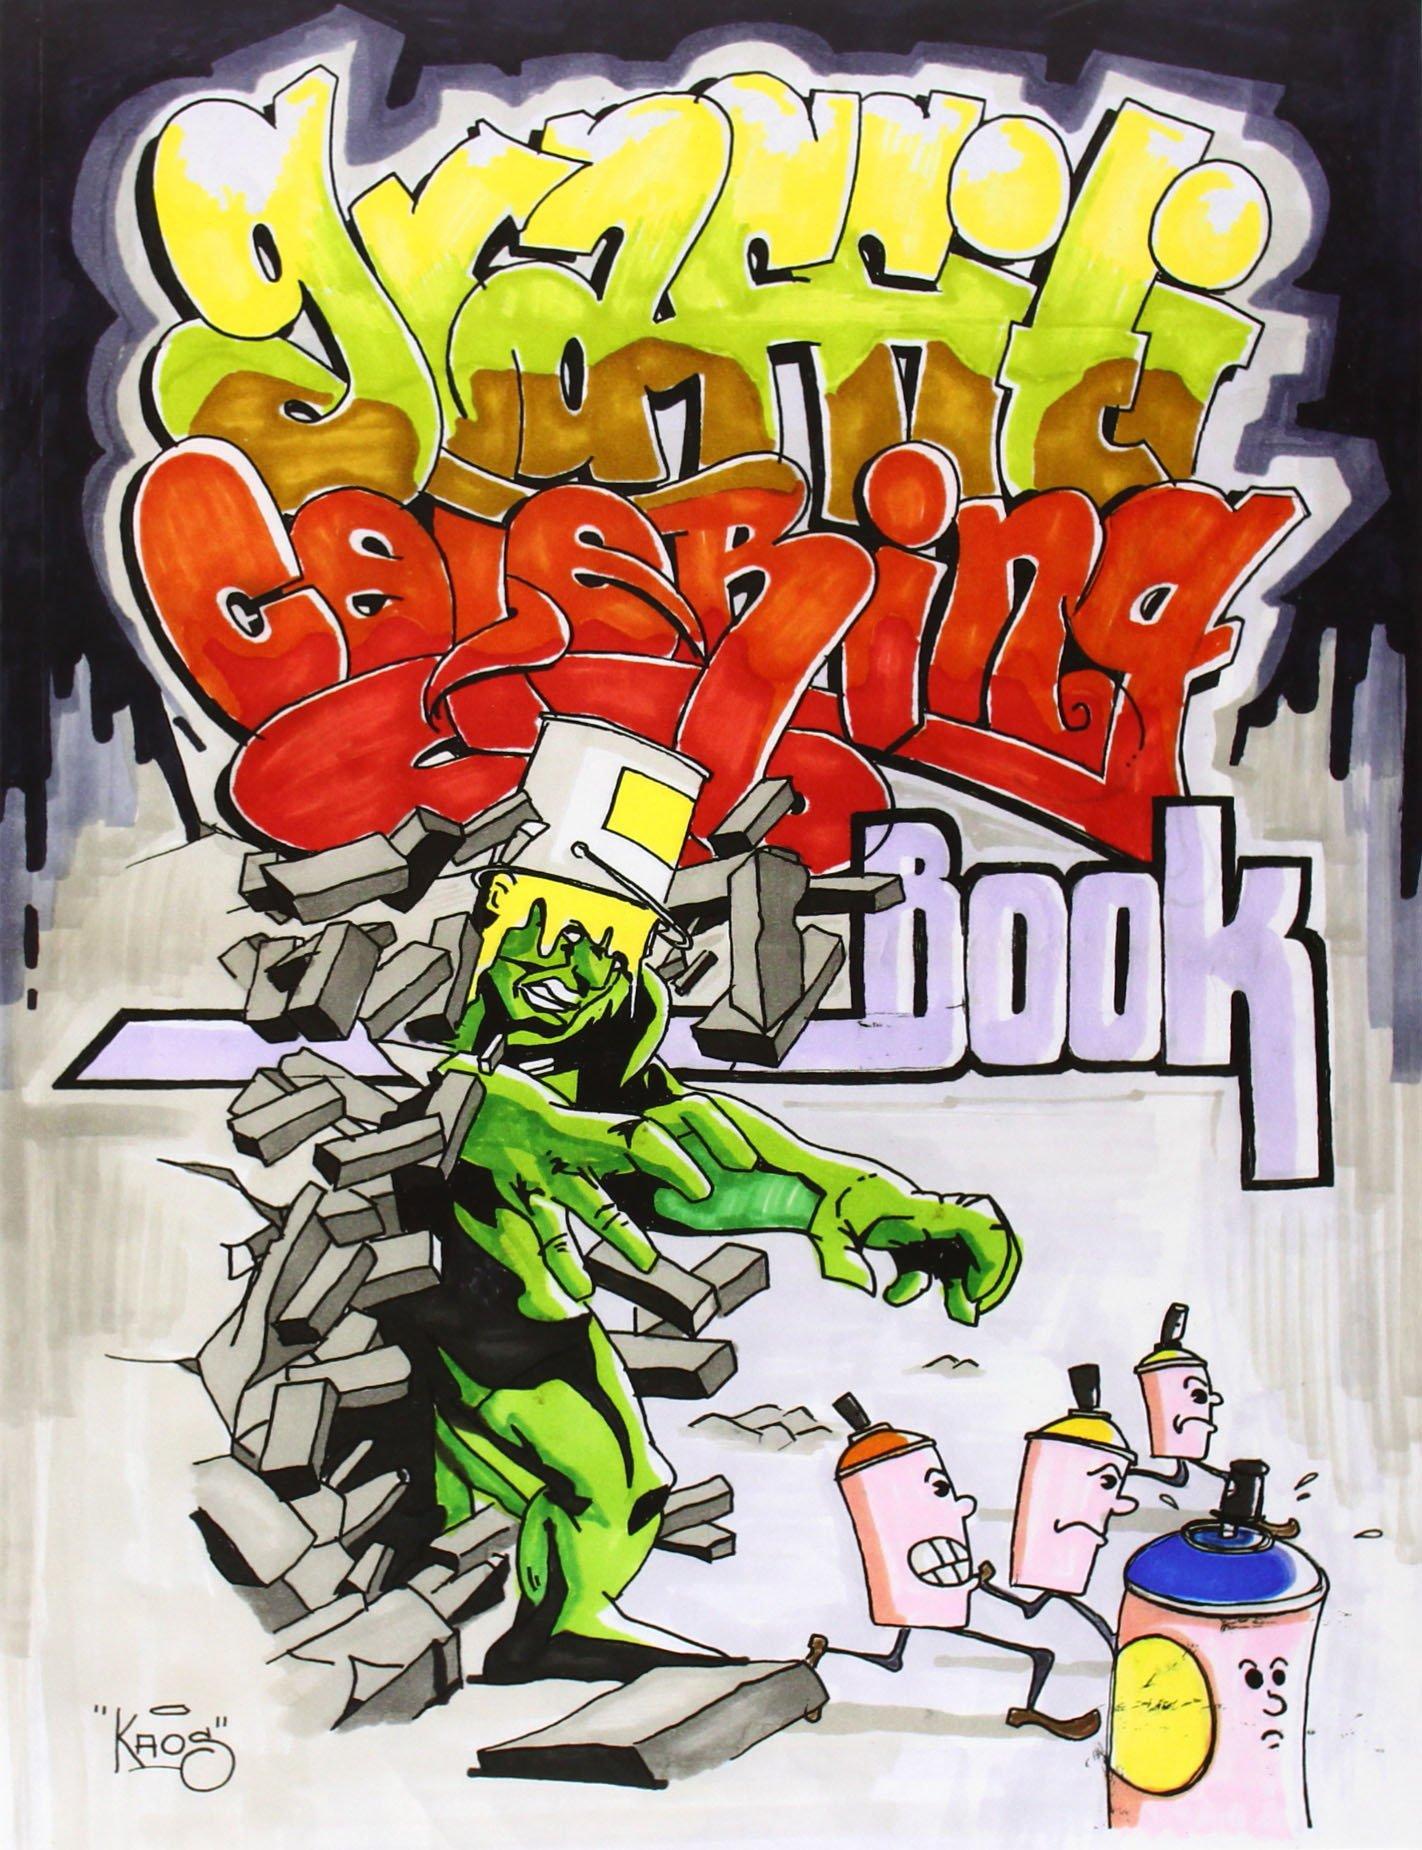 Graffiti coloring #8, Download drawings